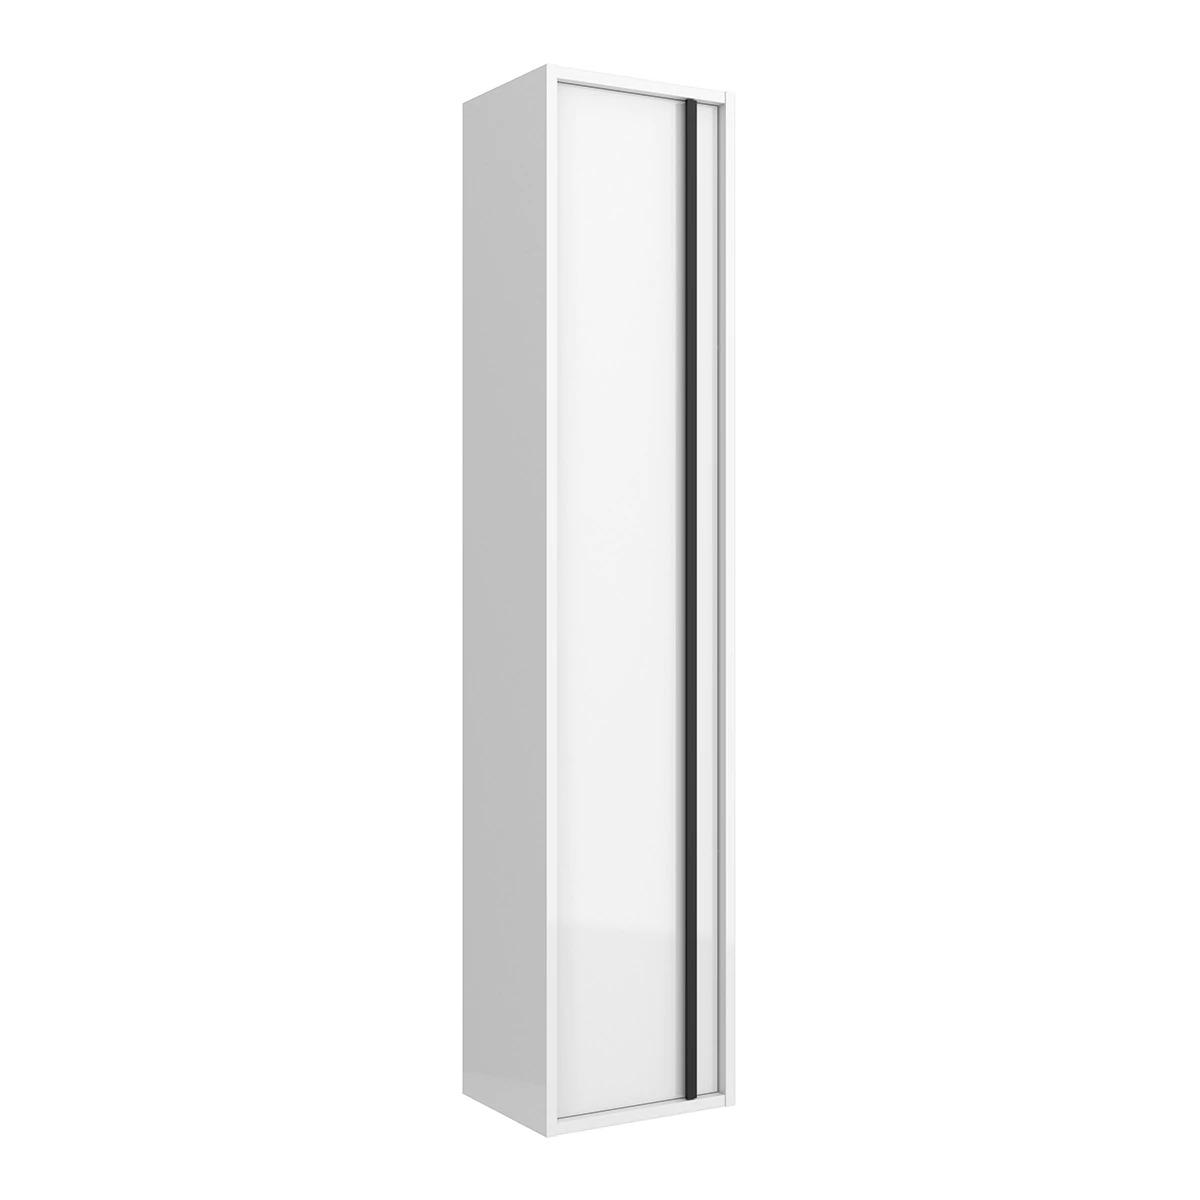 SALGAR Columna de baño con 1 puerta Attila Salgar